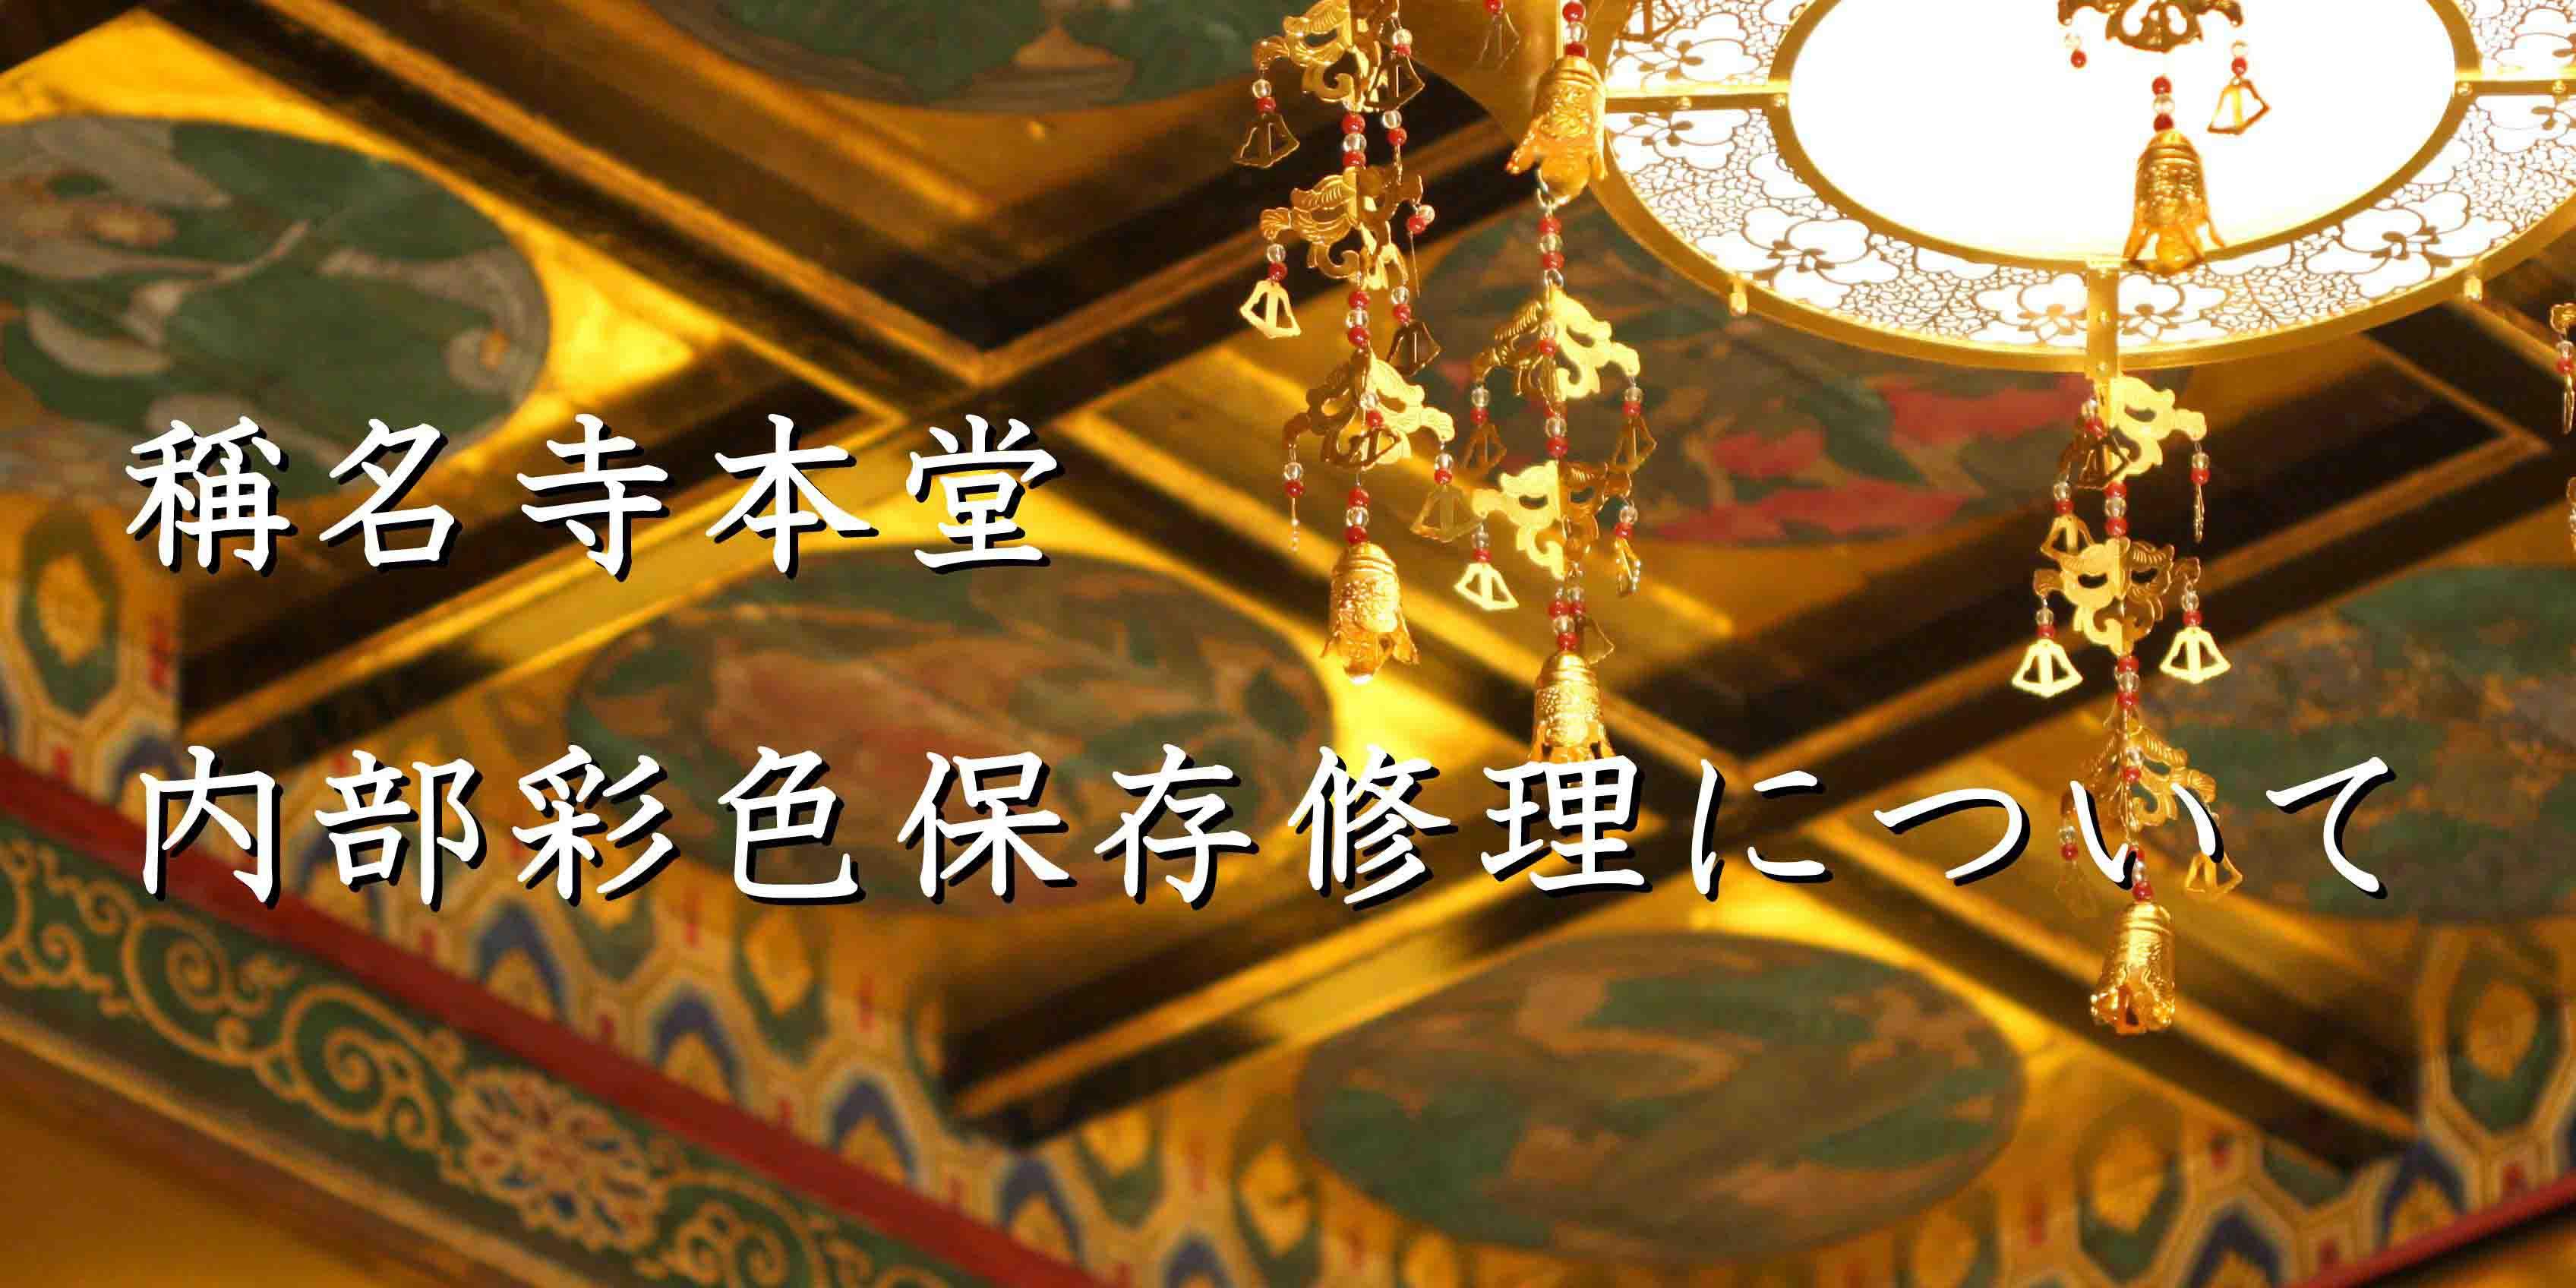 稱名寺本堂タイトル.jpg